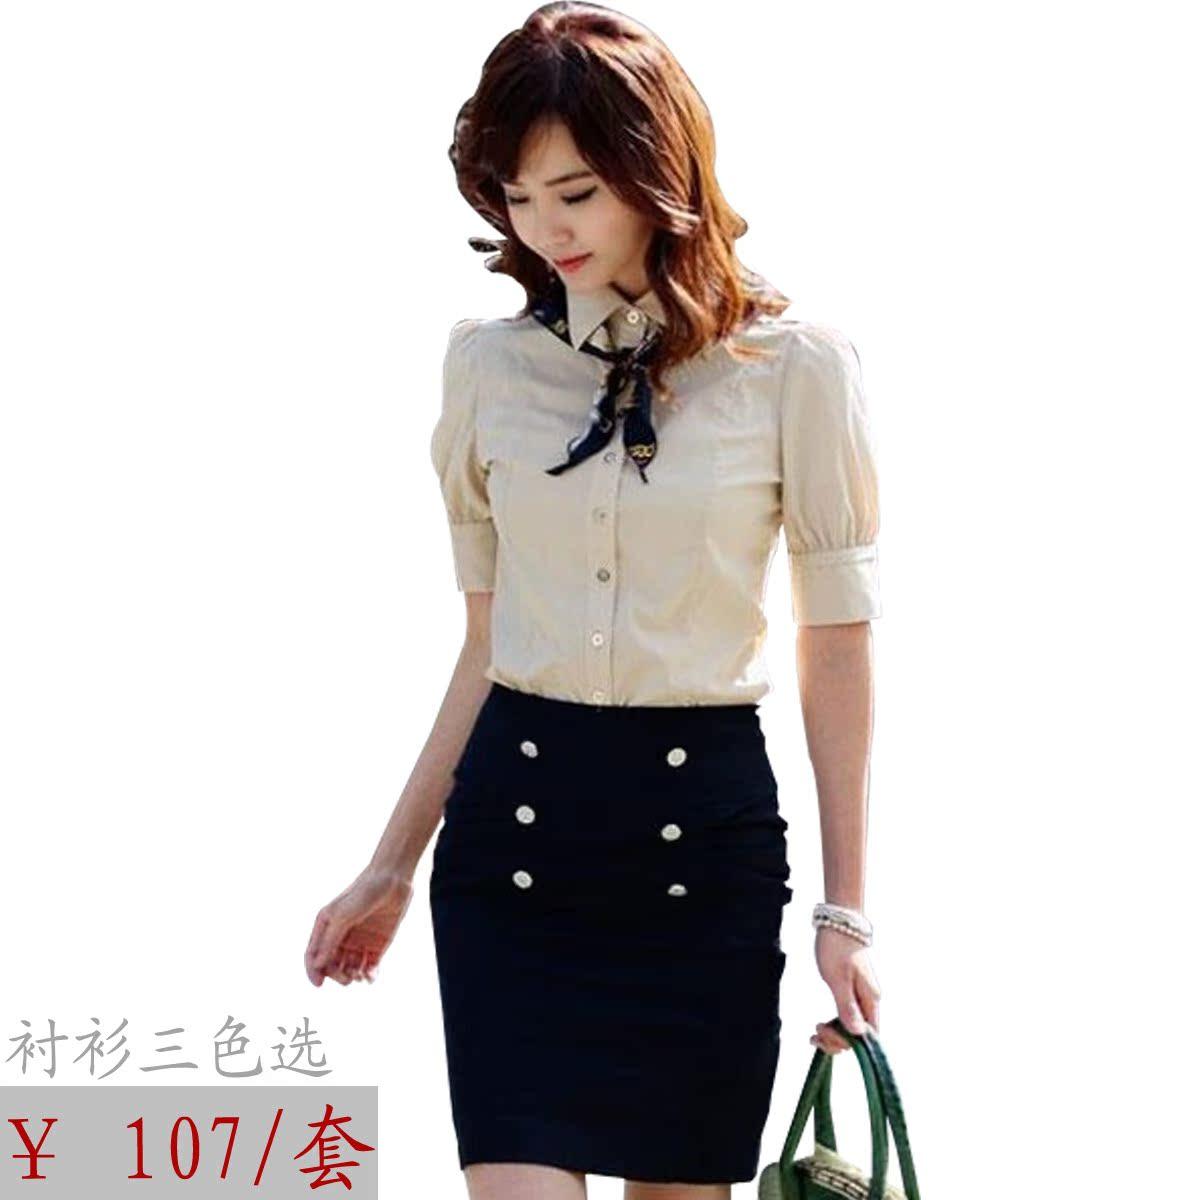 Офисный костюм SZ 3658 OL Укороченный рукав,рукав средней длины Европейская юбка